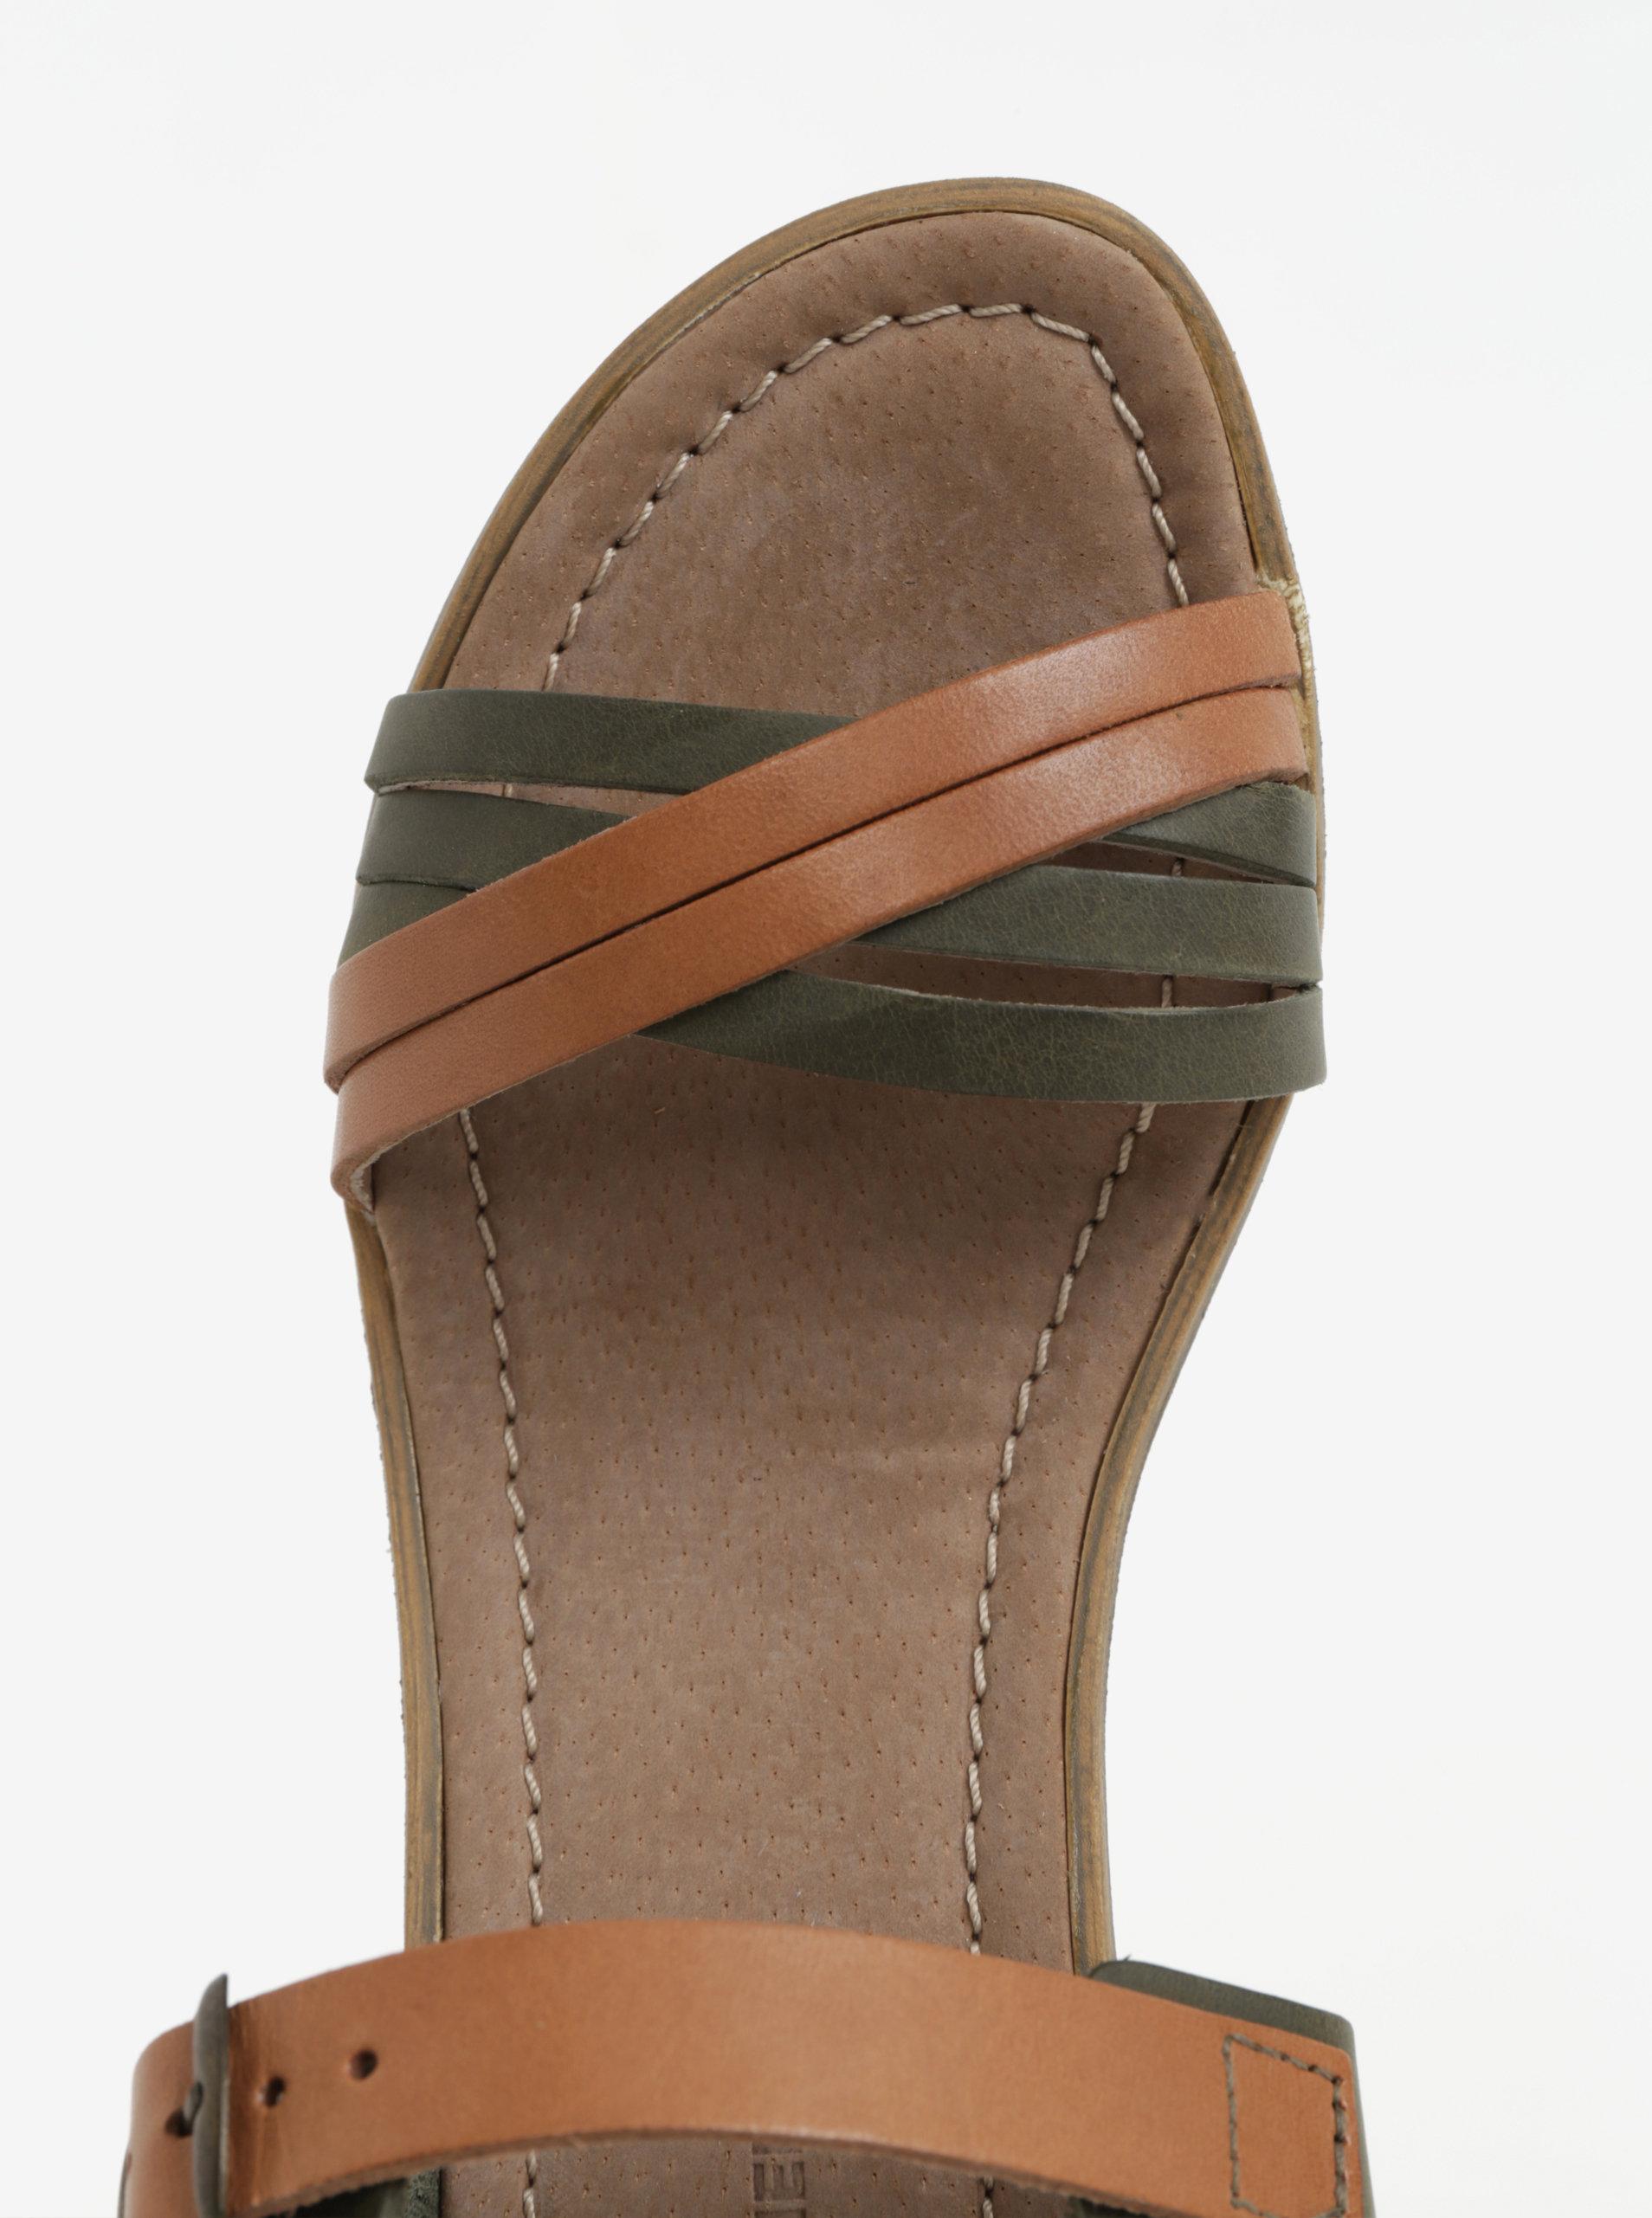 25d9937009 Hnědo-zelené dámské kožené sandálky na klínku Weinbrenner ...